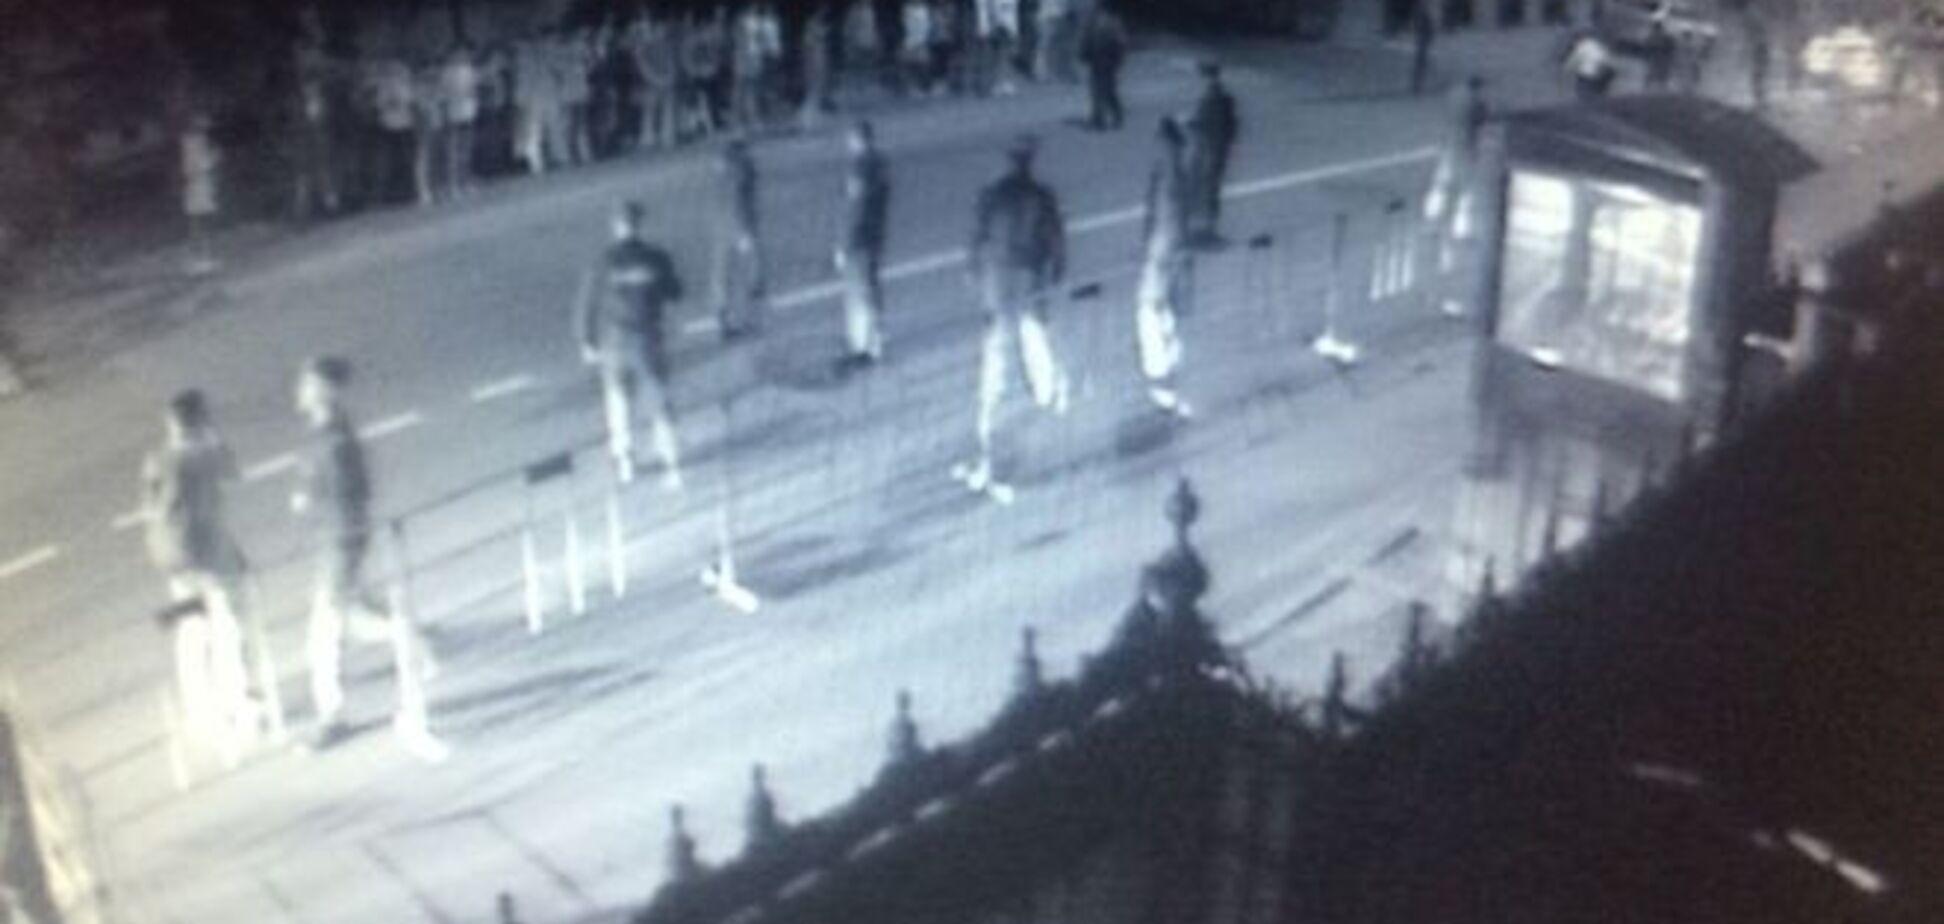 Беззубая ответка: в Москве молодчики кидали яйца в посольство Украины, но промахнулись